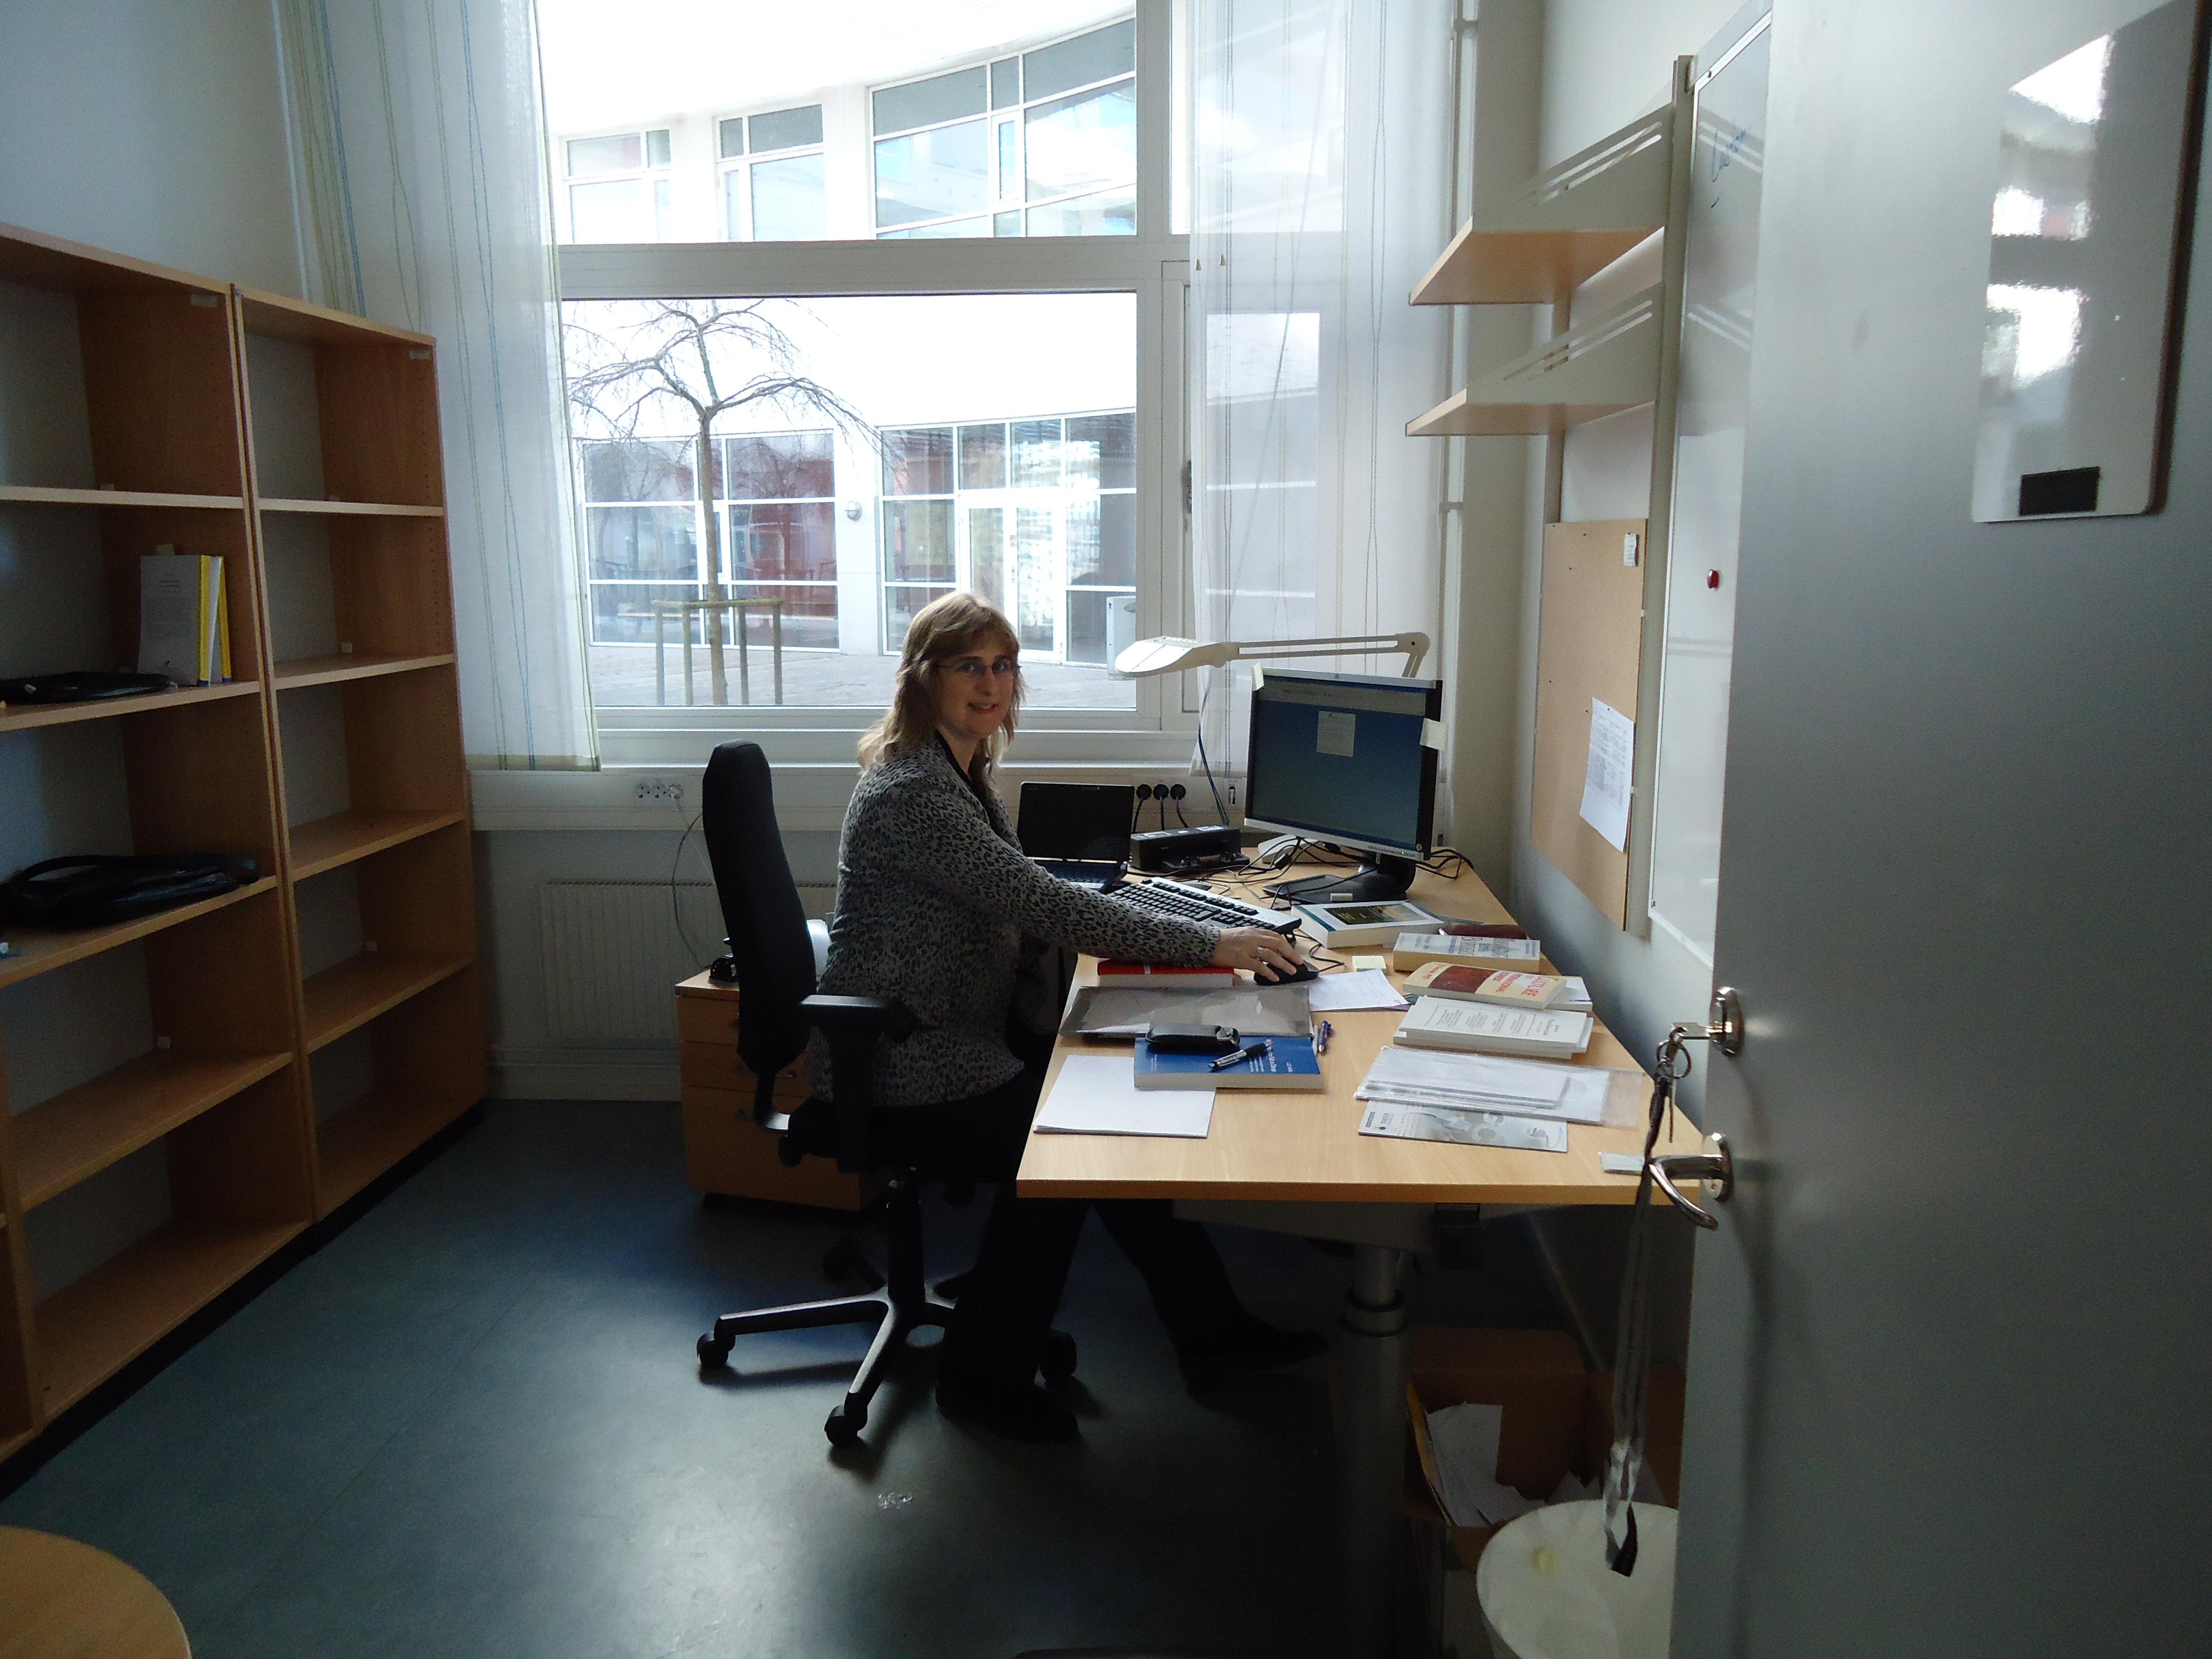 igualito a mi santiago mi oficina en el mmtc viajo para